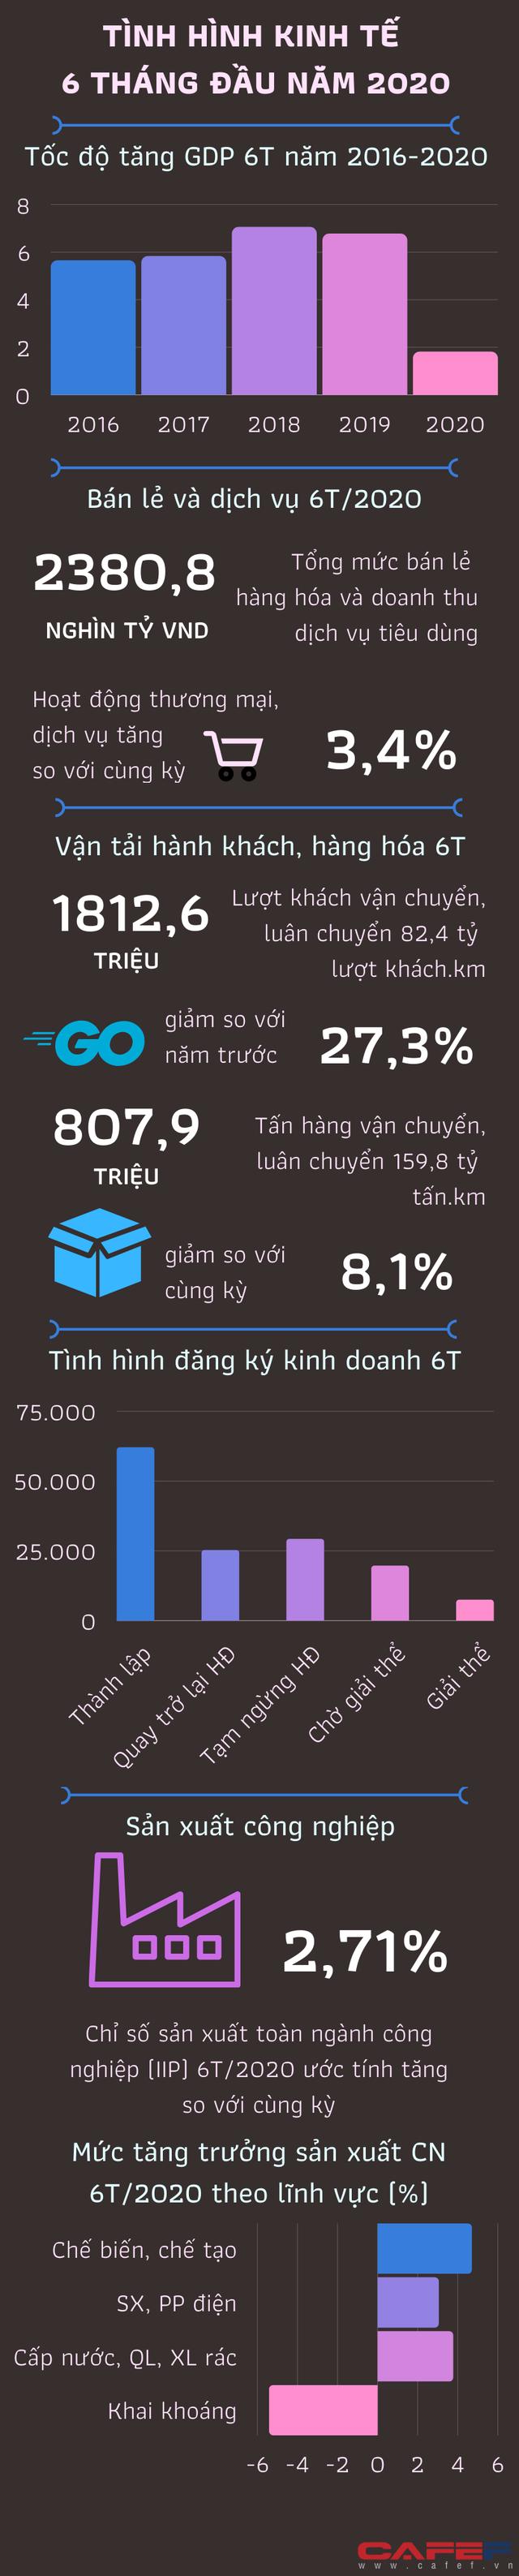 [Infographics] Kinh tế Việt Nam 6 tháng đầu năm qua những con số - Ảnh 1